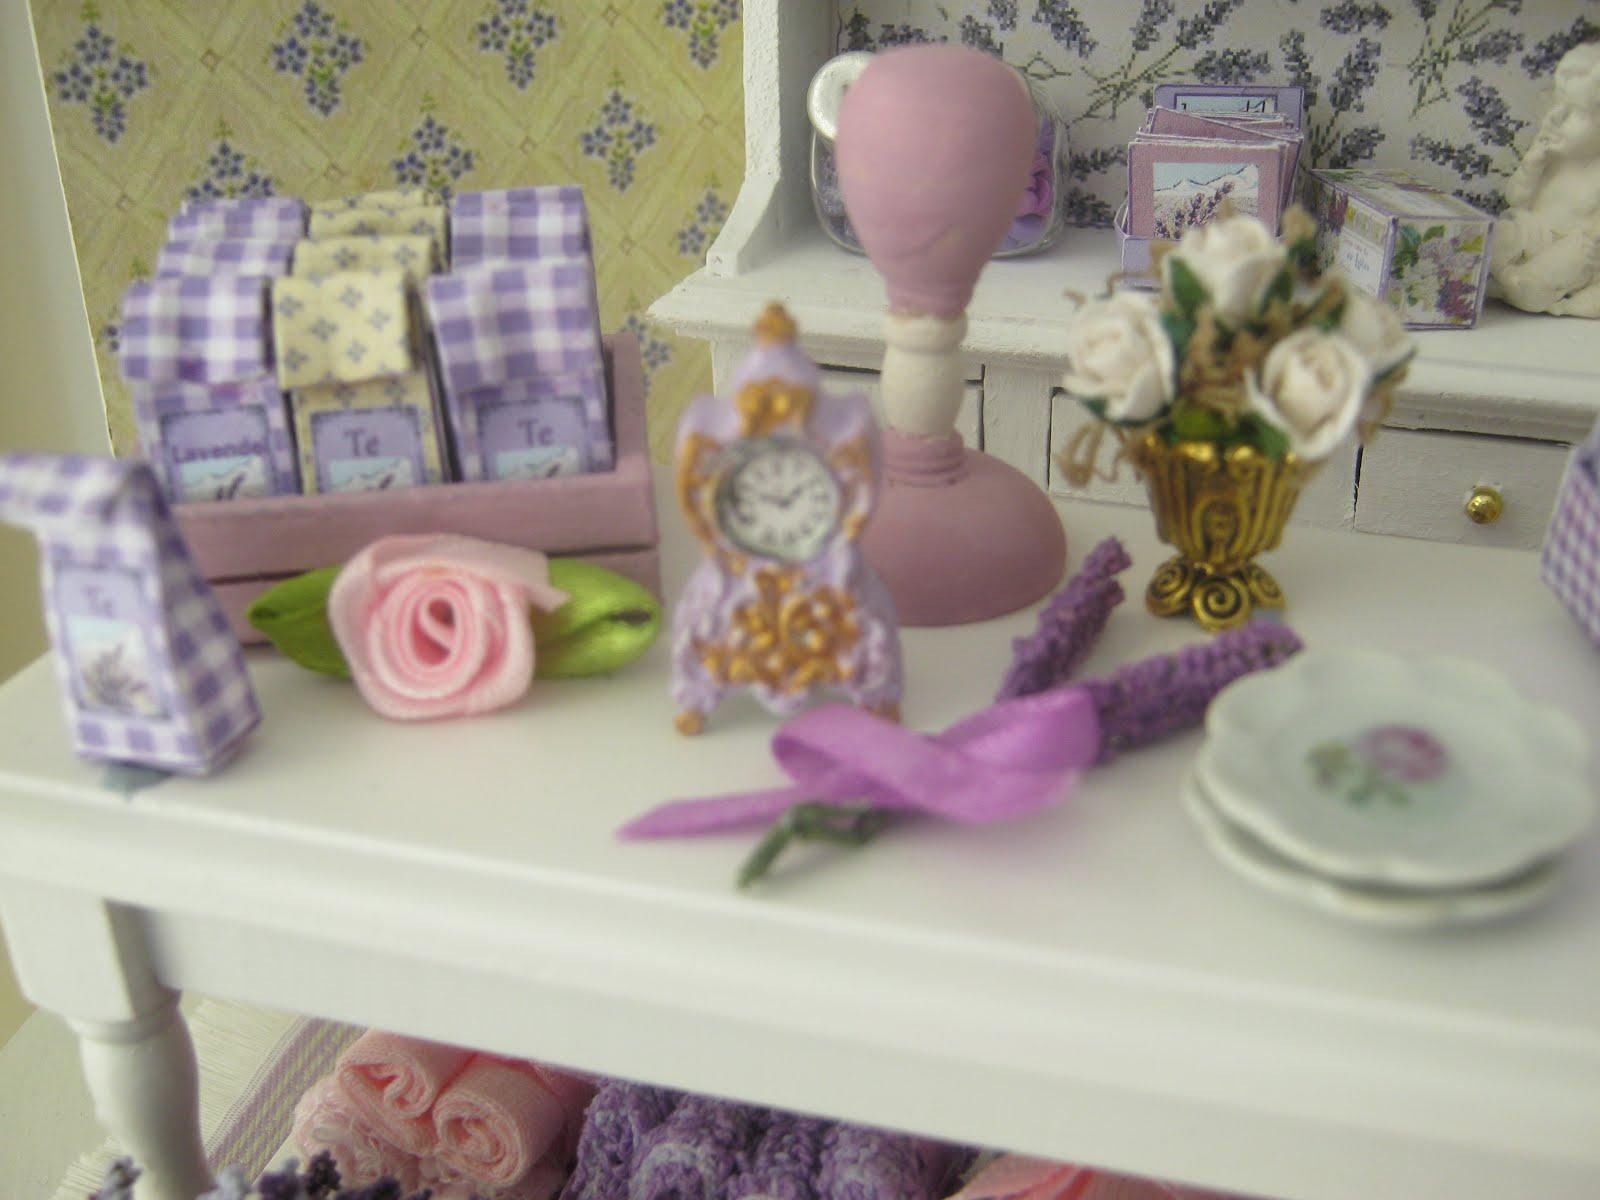 Wyrnas Lavender shop